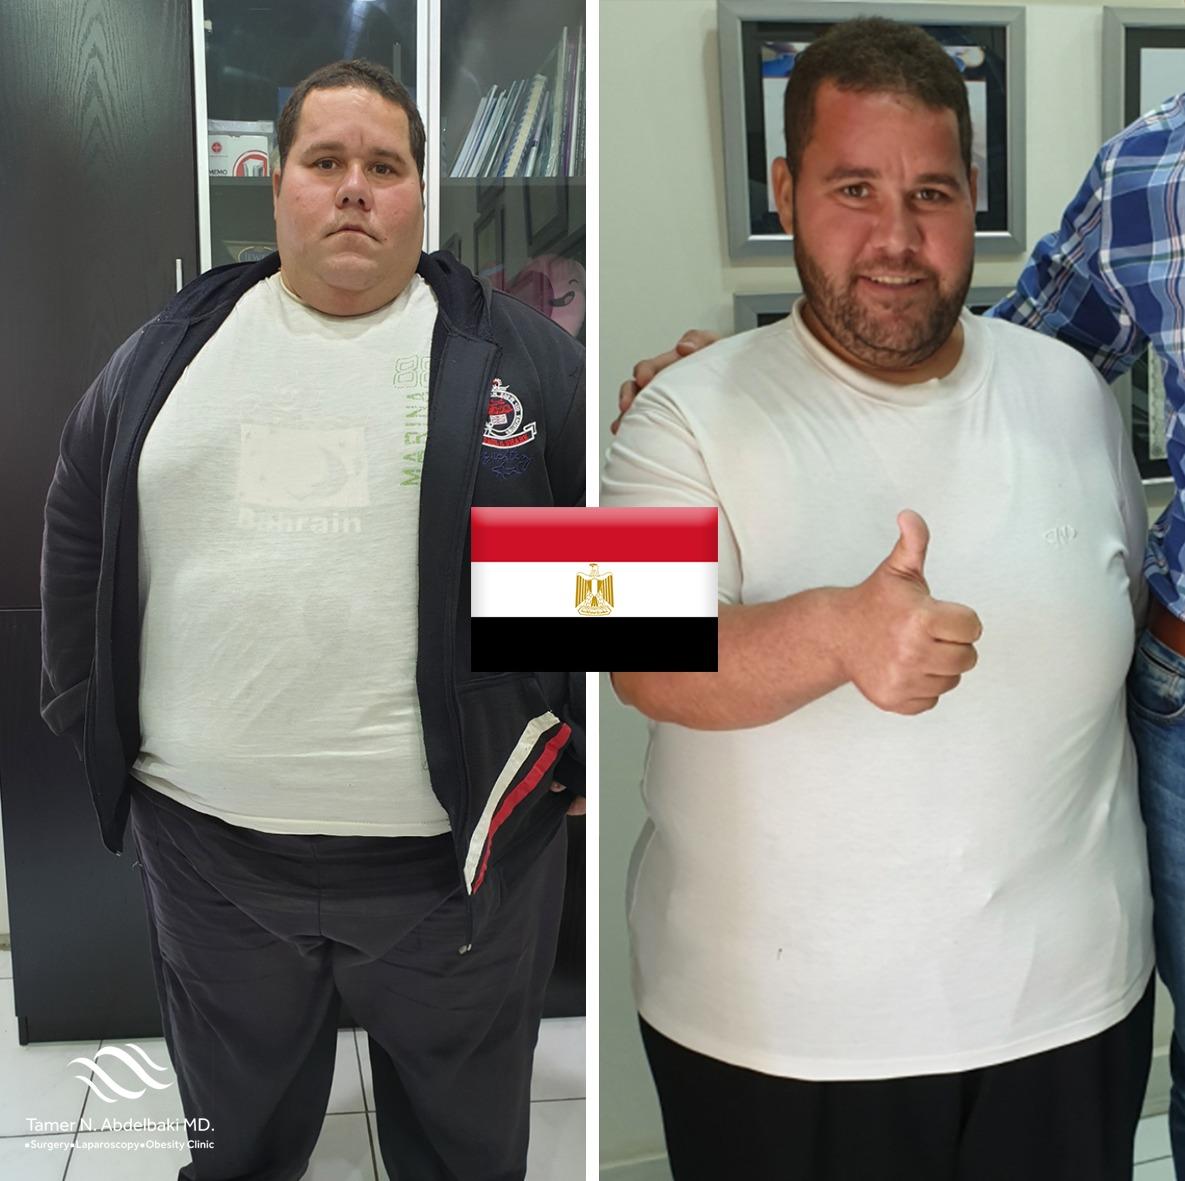 Hussein Abdelrazek